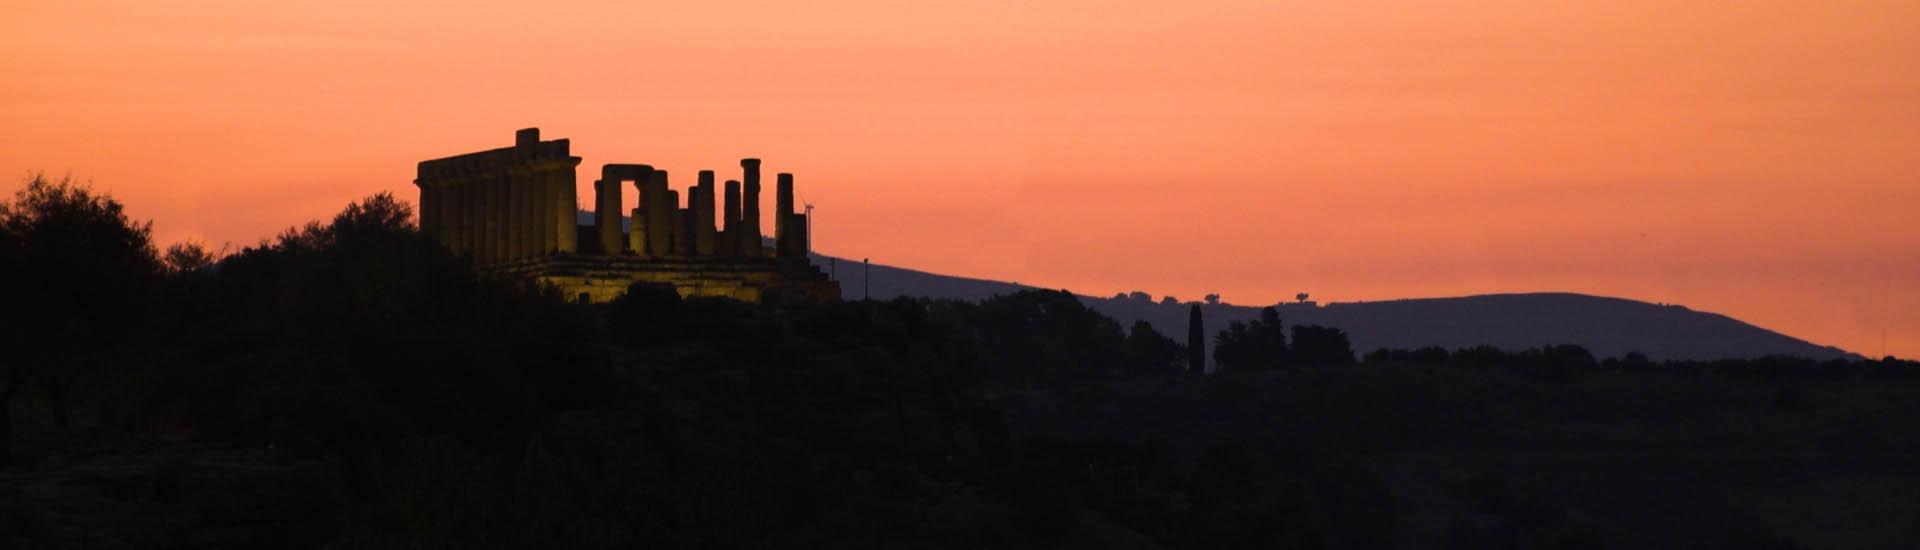 Visite notturne - Valle dei Templi Illuminata